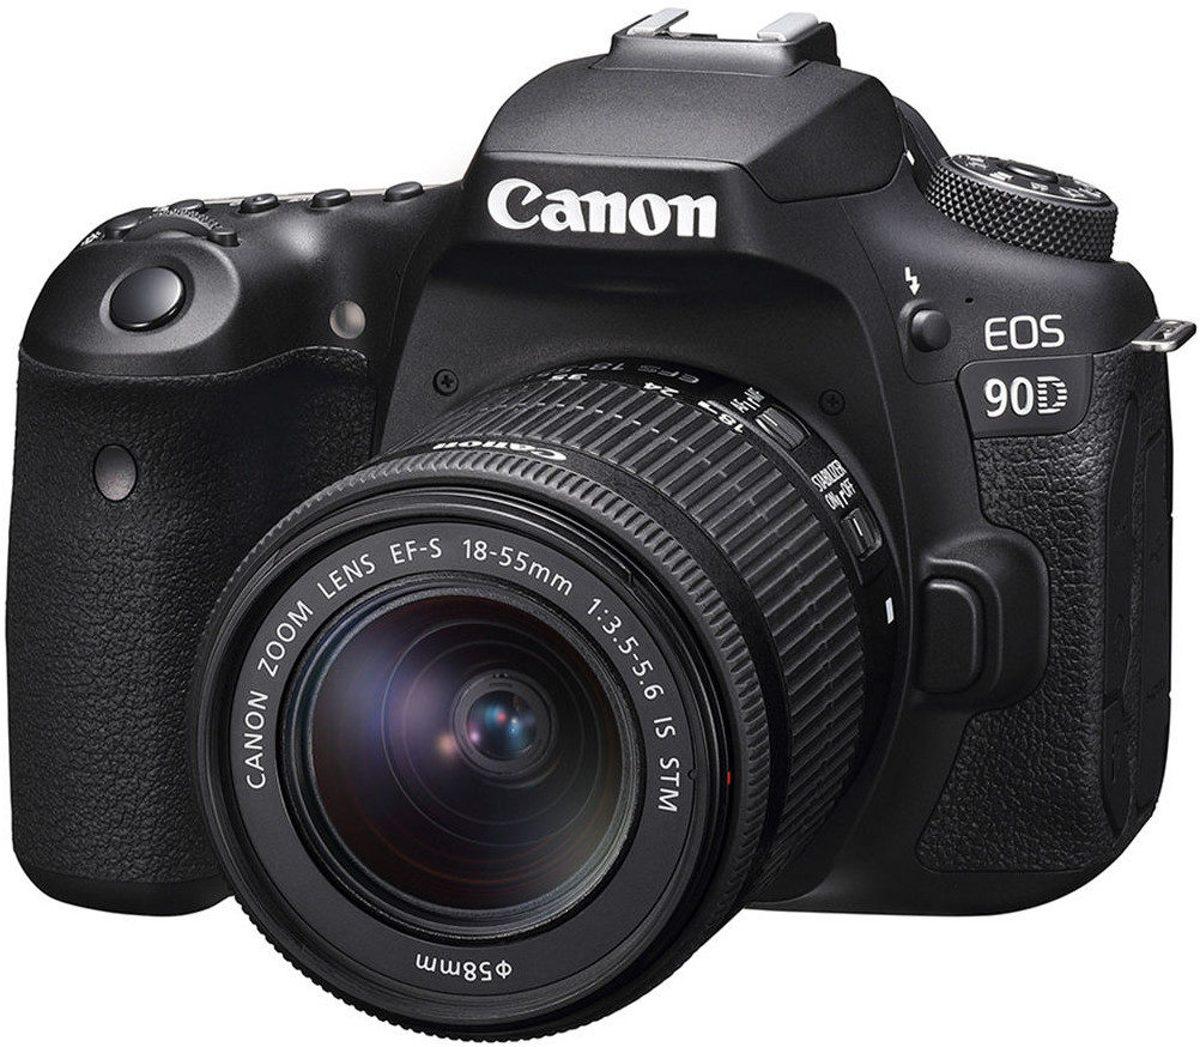 Canon EOS 90D + EF-S 18-55 IS STM - Zwart kopen